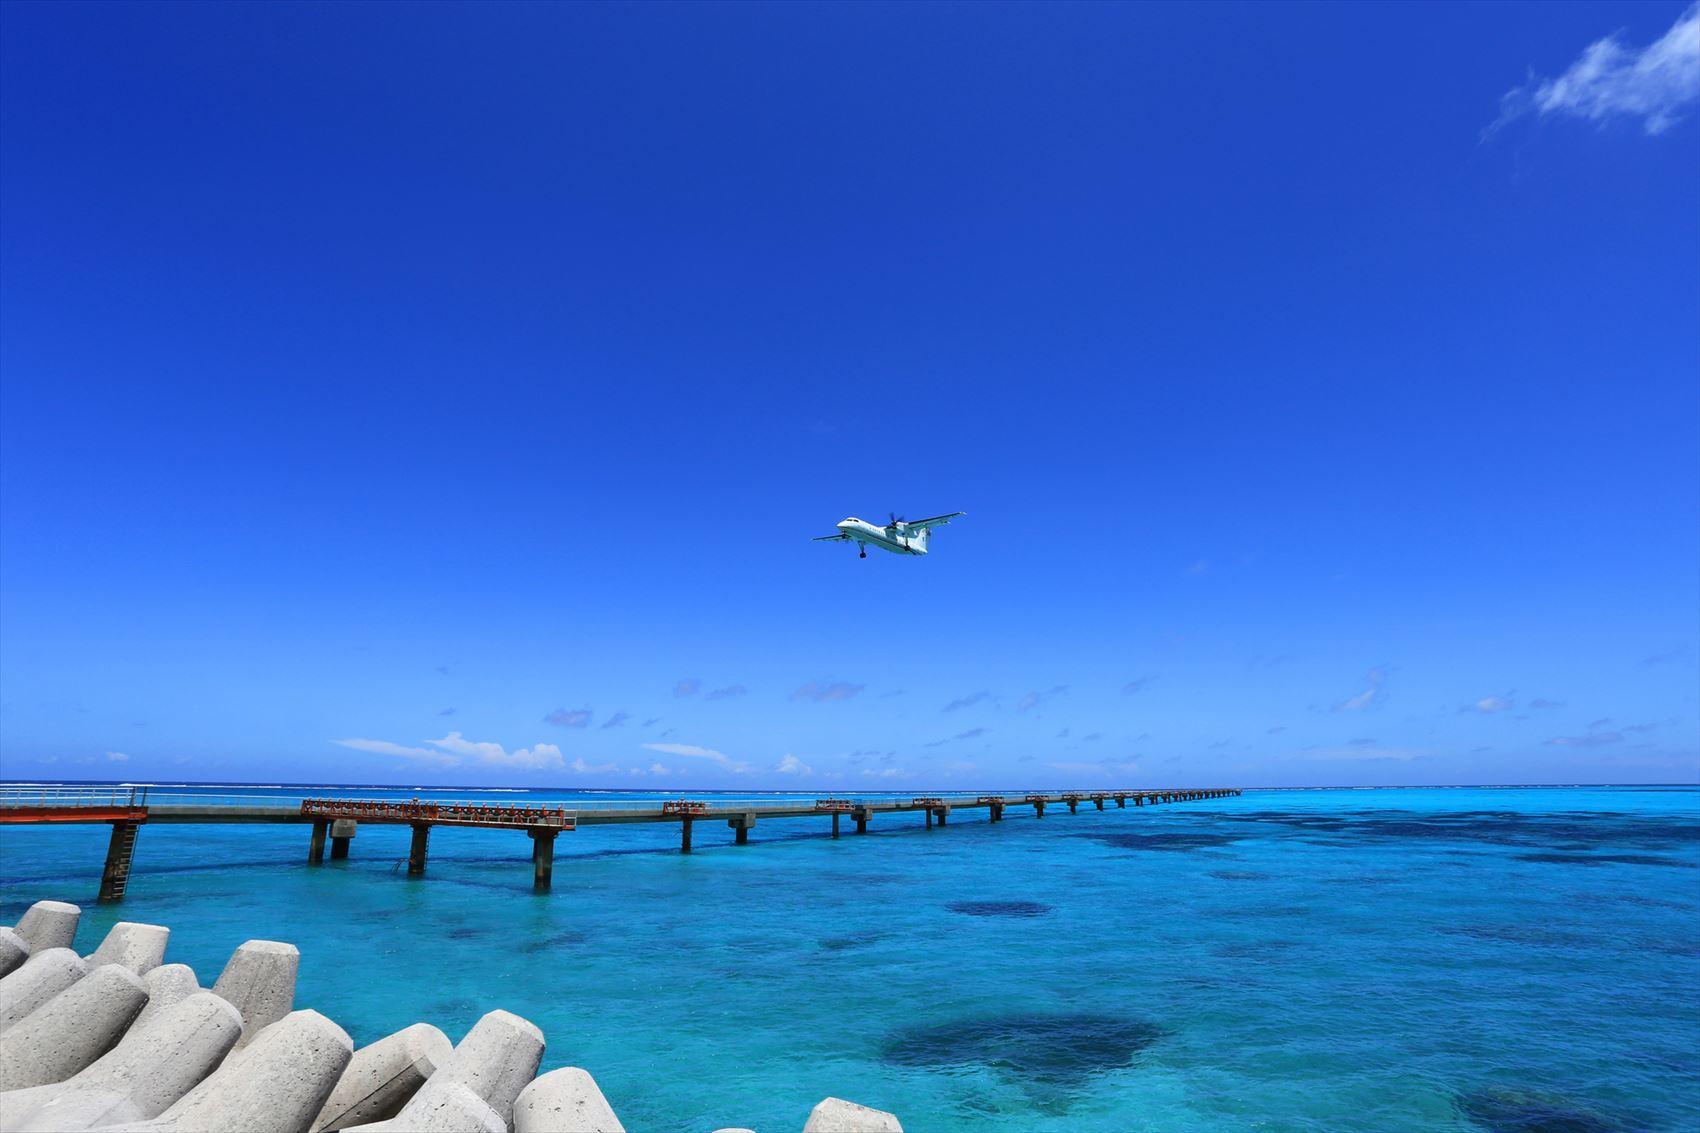 海と飛行機